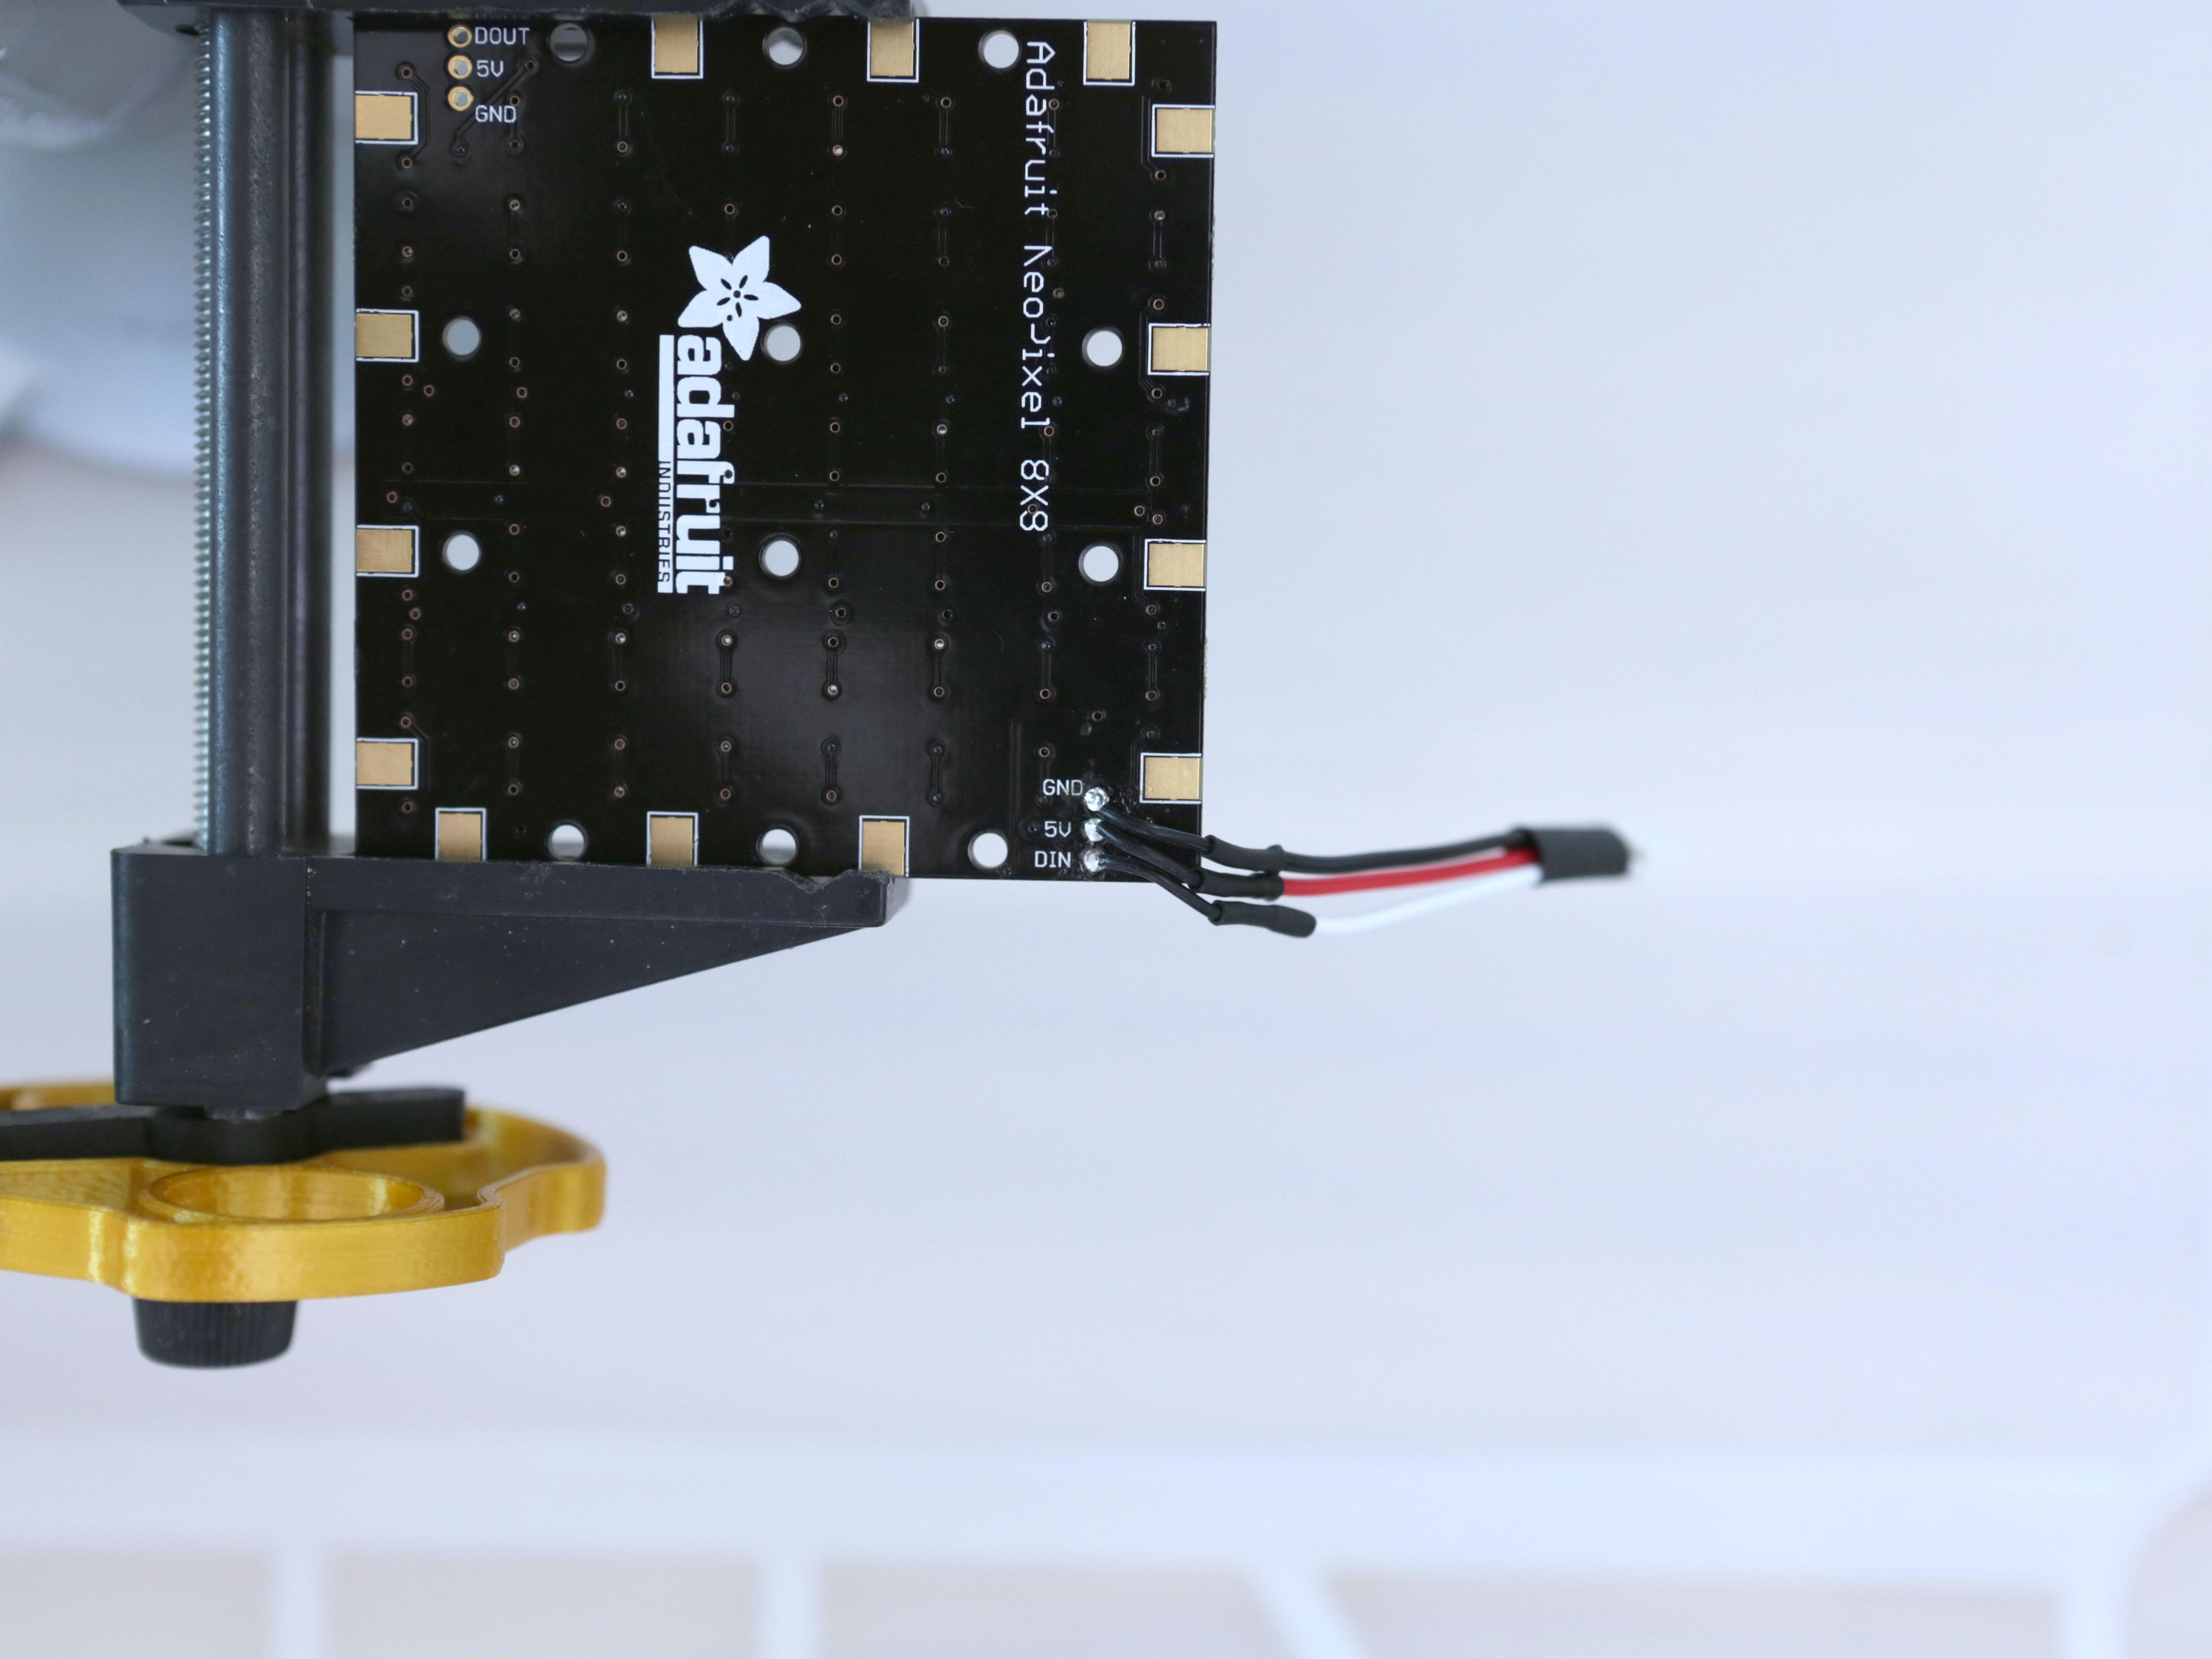 led_matrices_neomatrix-wiring.jpg